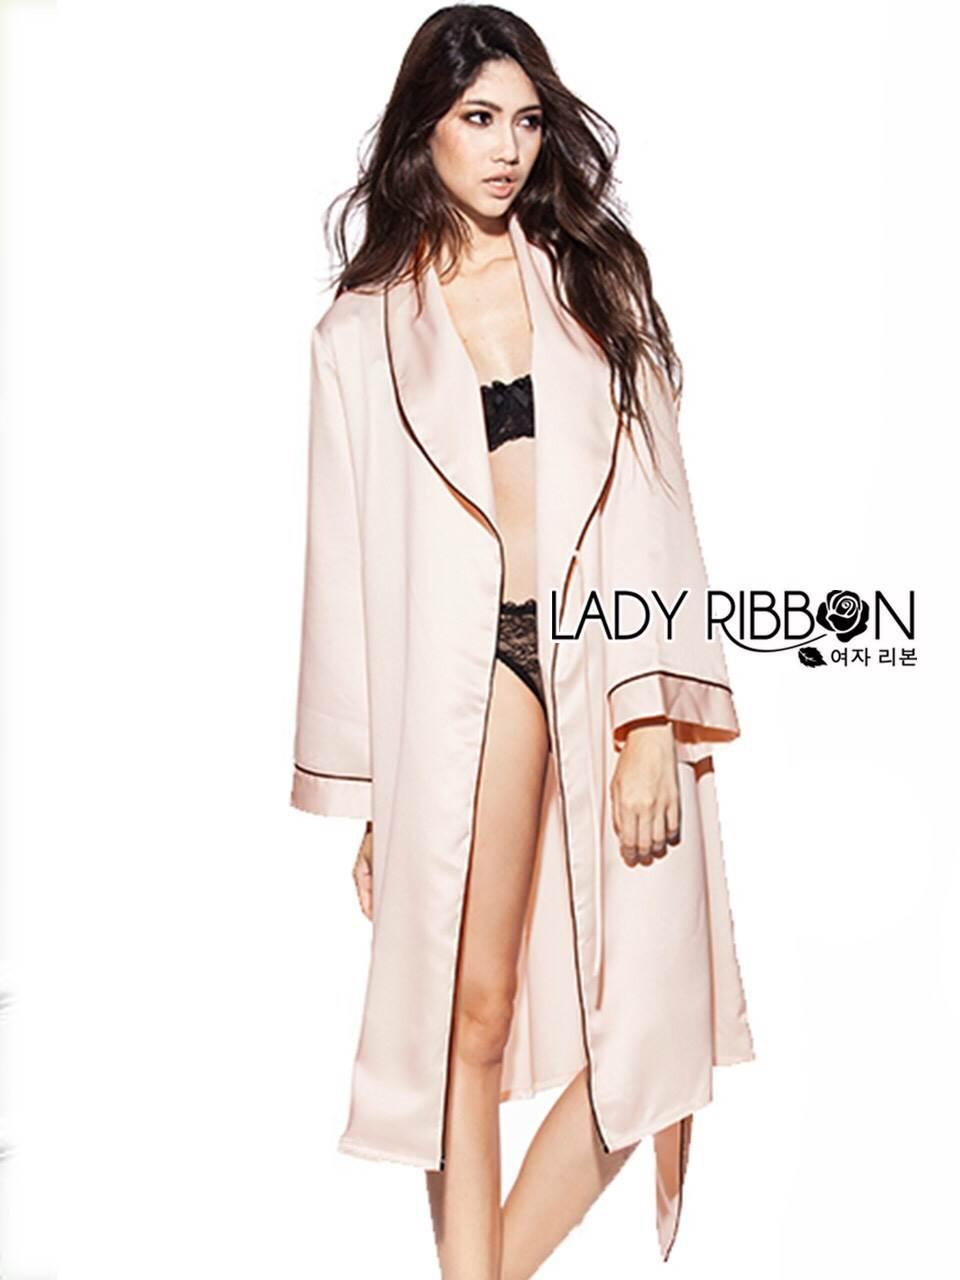 เสื้อผ้าเกาหลี พร้อมส่งชุดคลุมสุดเซ็กซี่ตัวเสื้อคลุมเป็นแบบยาว สบายผิว